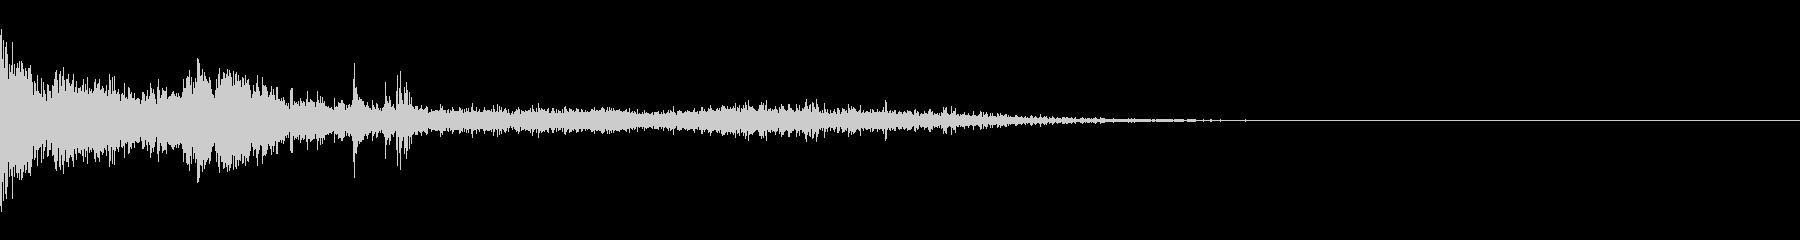 カミナリ(近雷)-04の未再生の波形